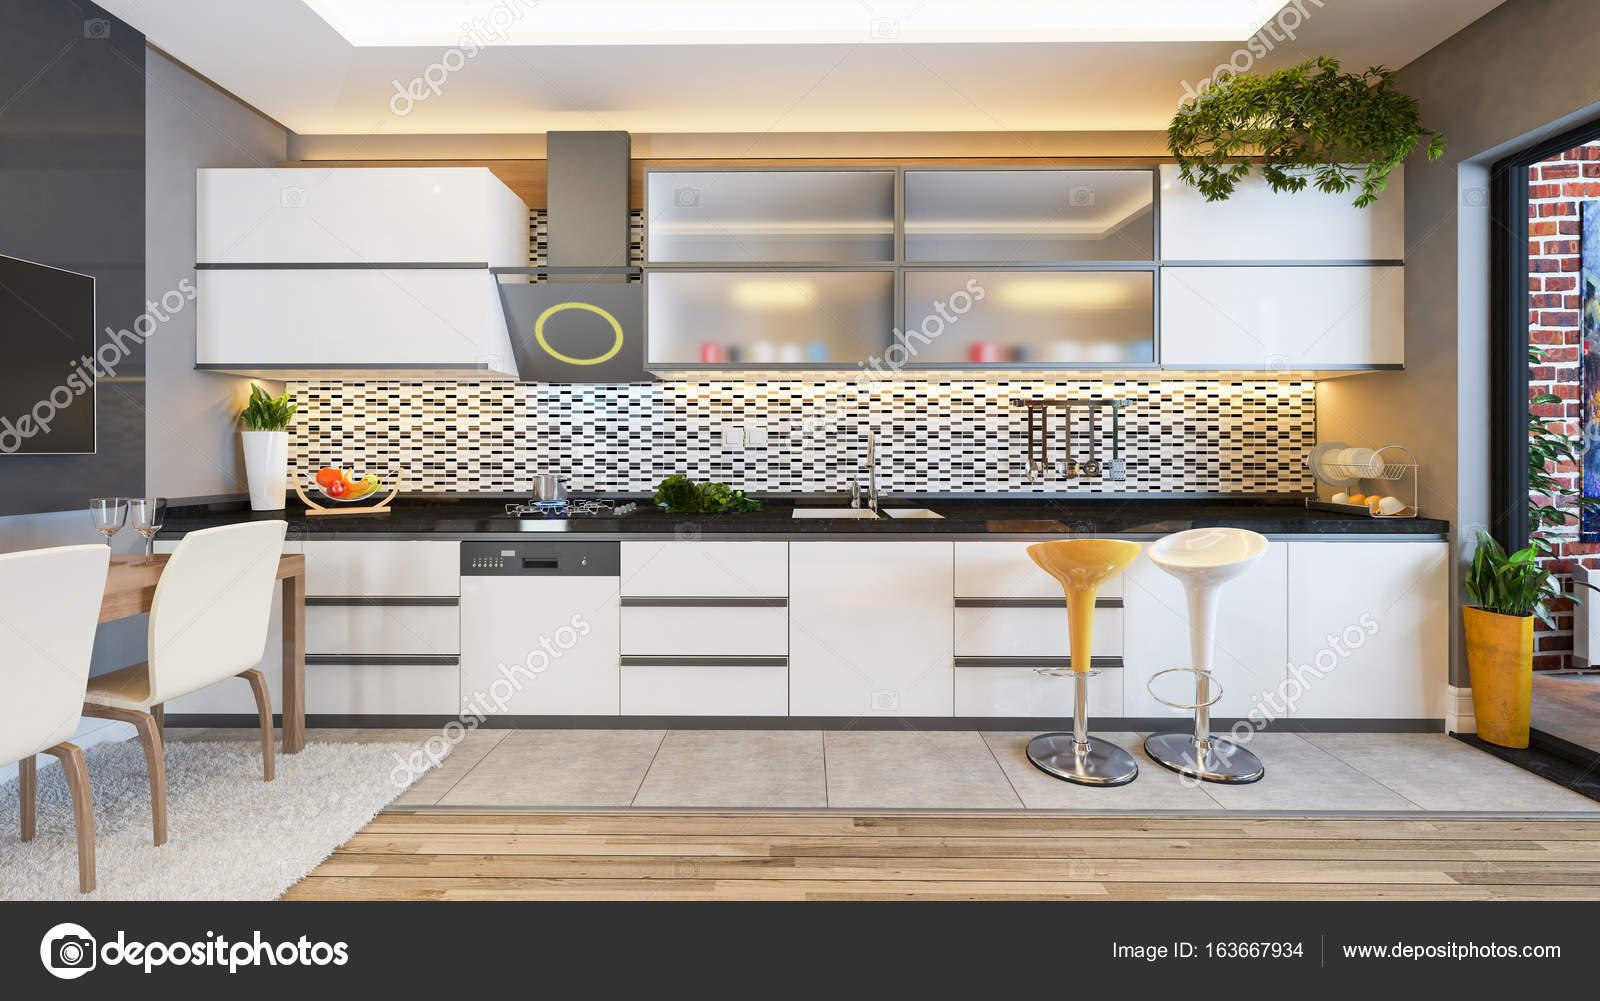 weiße Küche Design-Dekor-Idee — Stockfoto © sseven #163667934